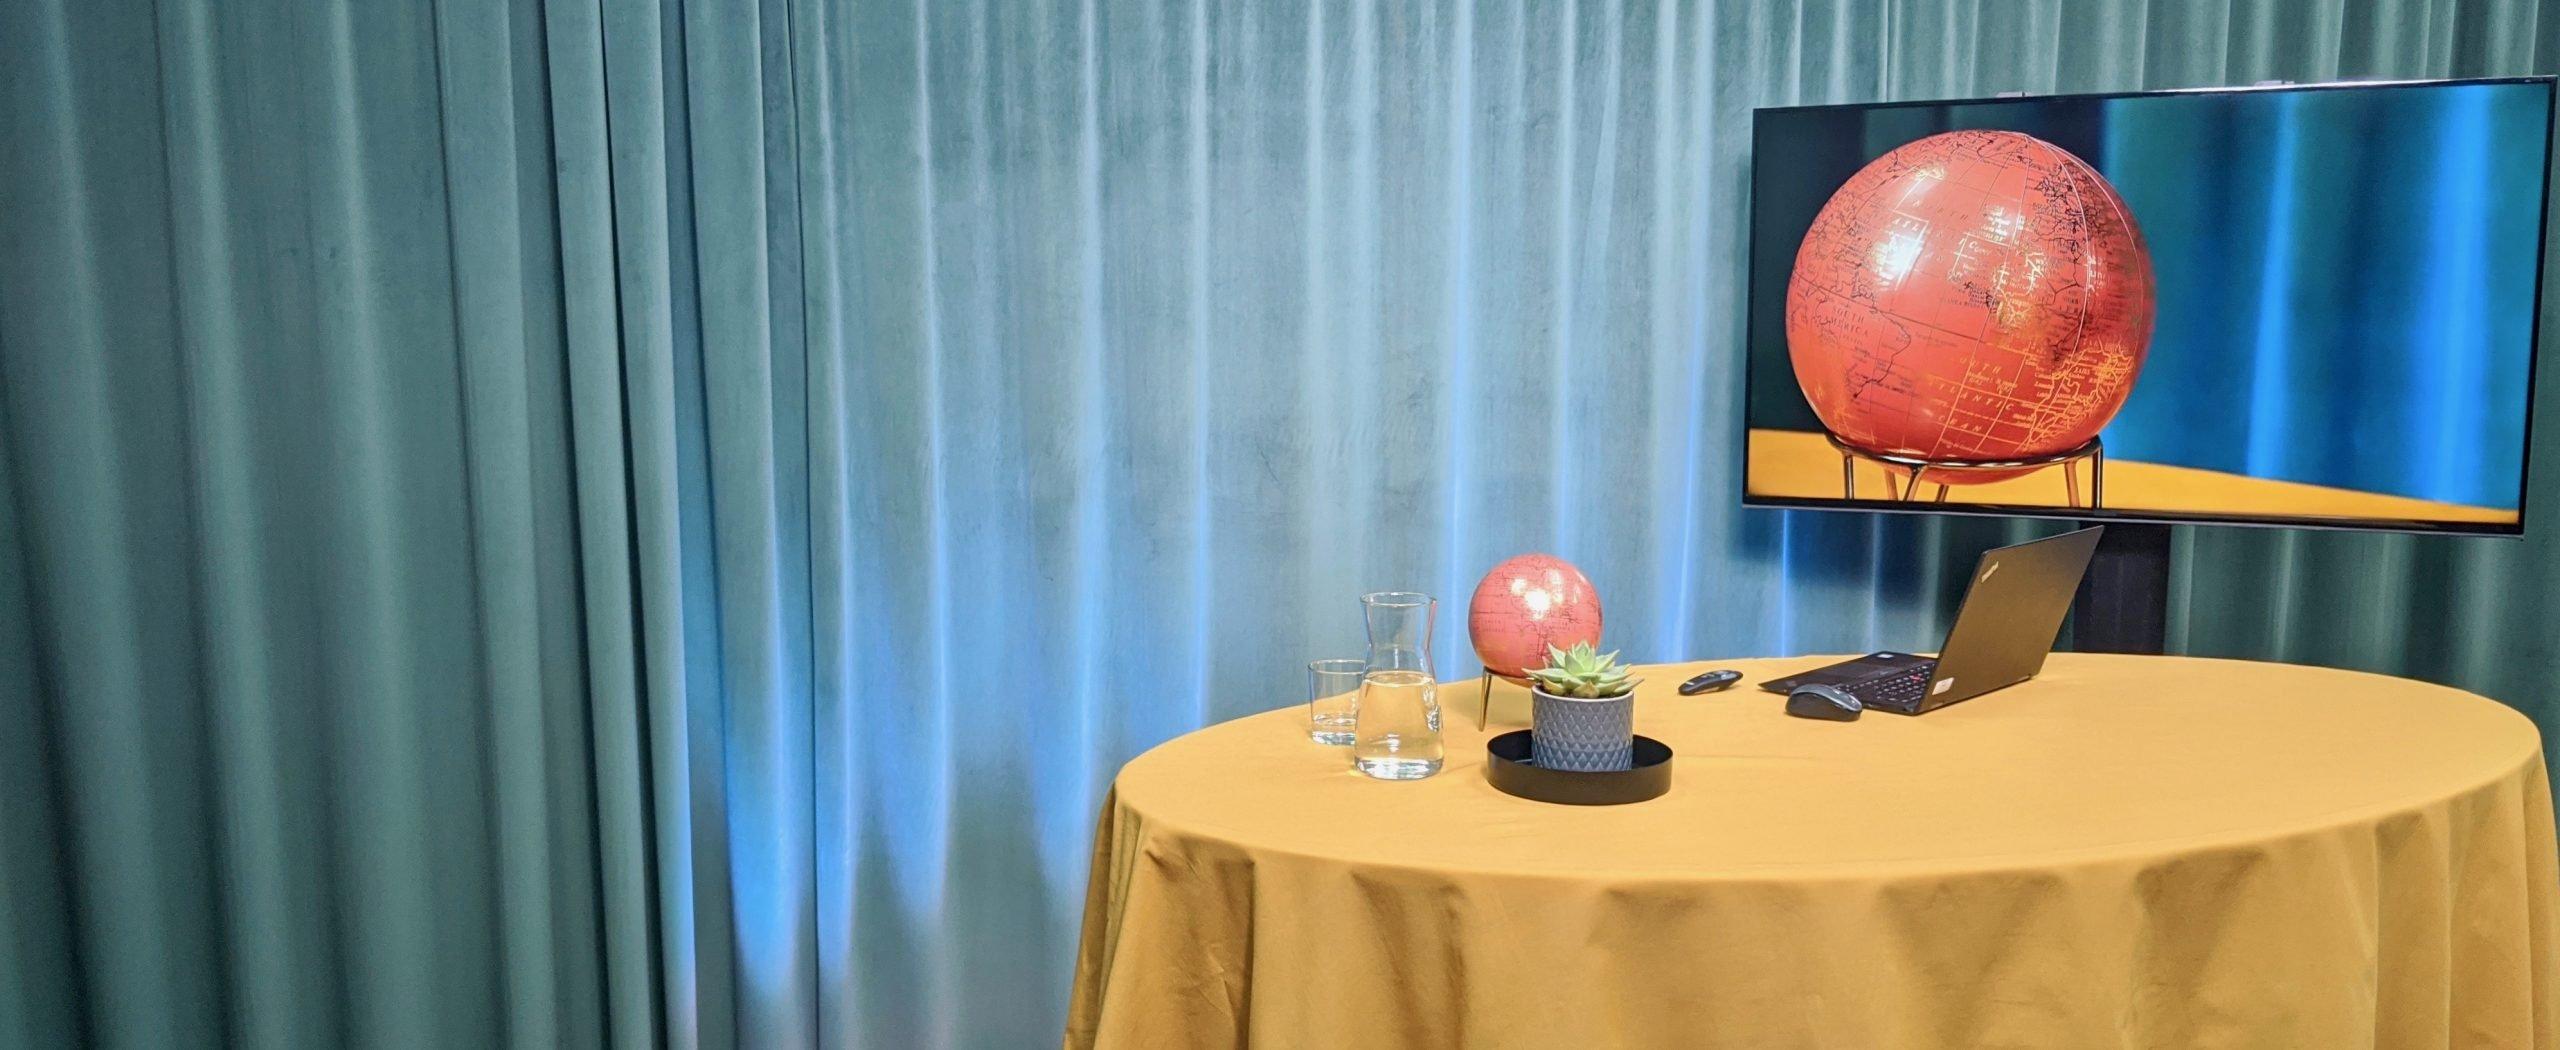 I studion står ett bord med en dator, en växt och några vattenglas. Bakom bordet står en TV som visar en jordglob.